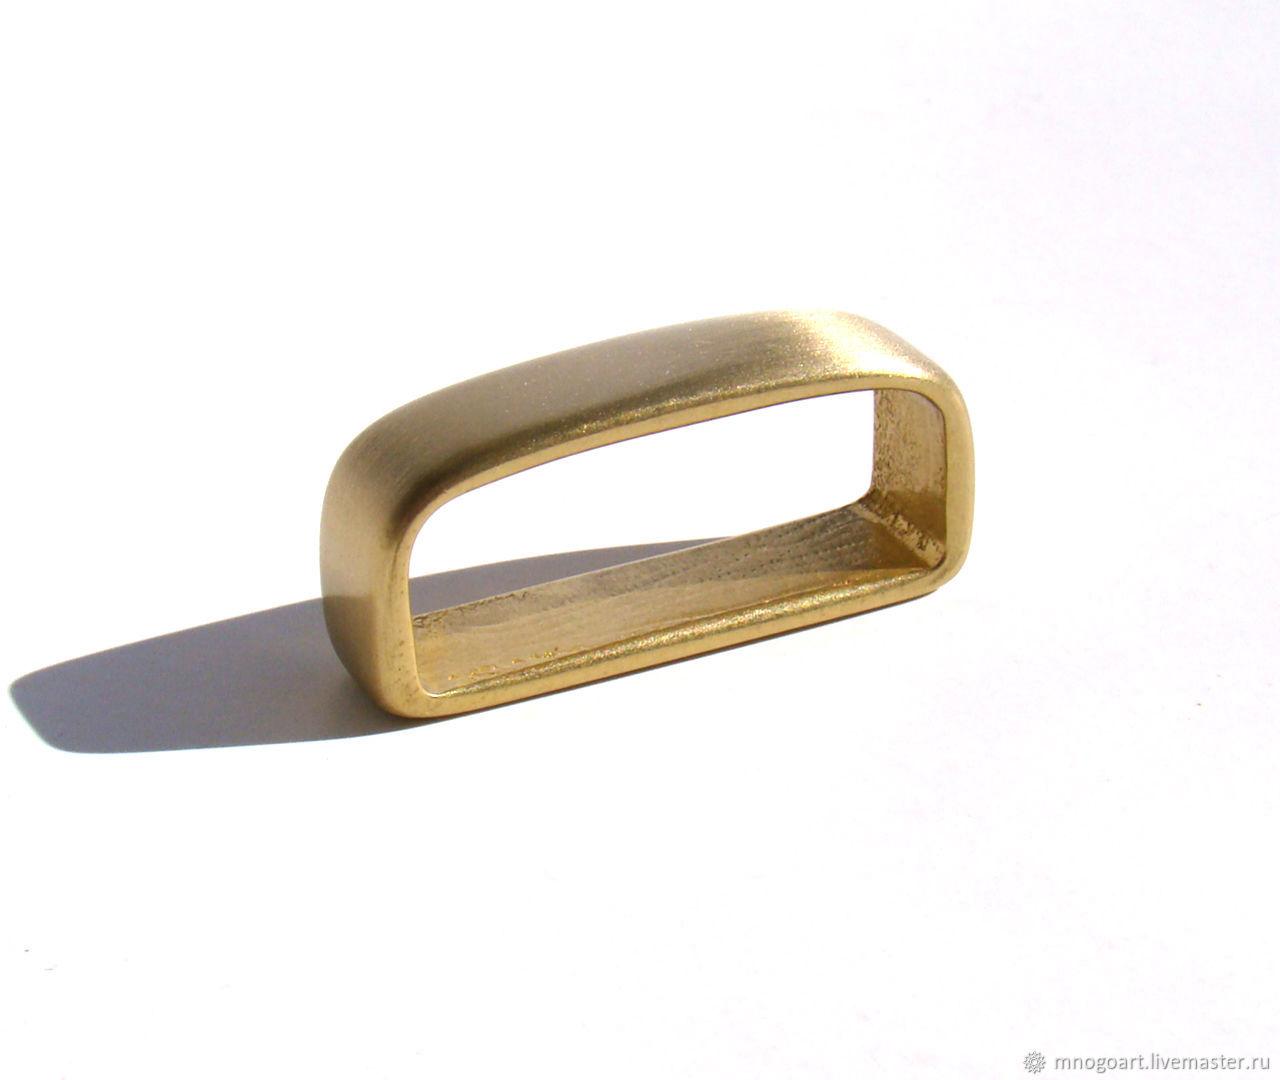 Шлевки латунь на 35 и 40 мм, Фурнитура для шитья, Балабаново,  Фото №1